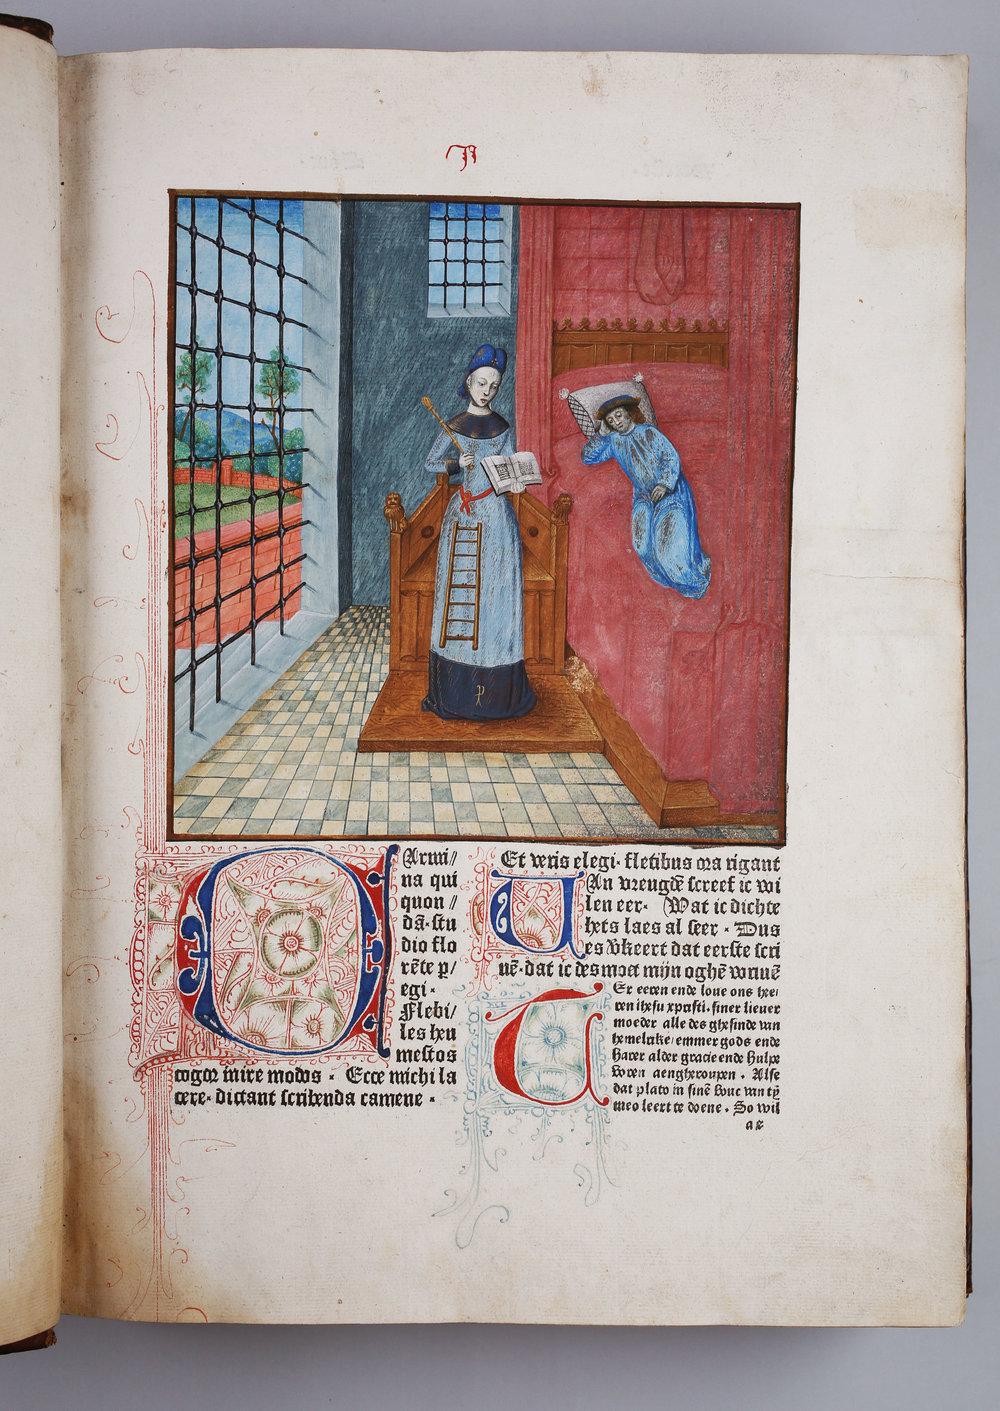 Boethius, 'De consolatione philosophiae'[1 A 2, A4r]